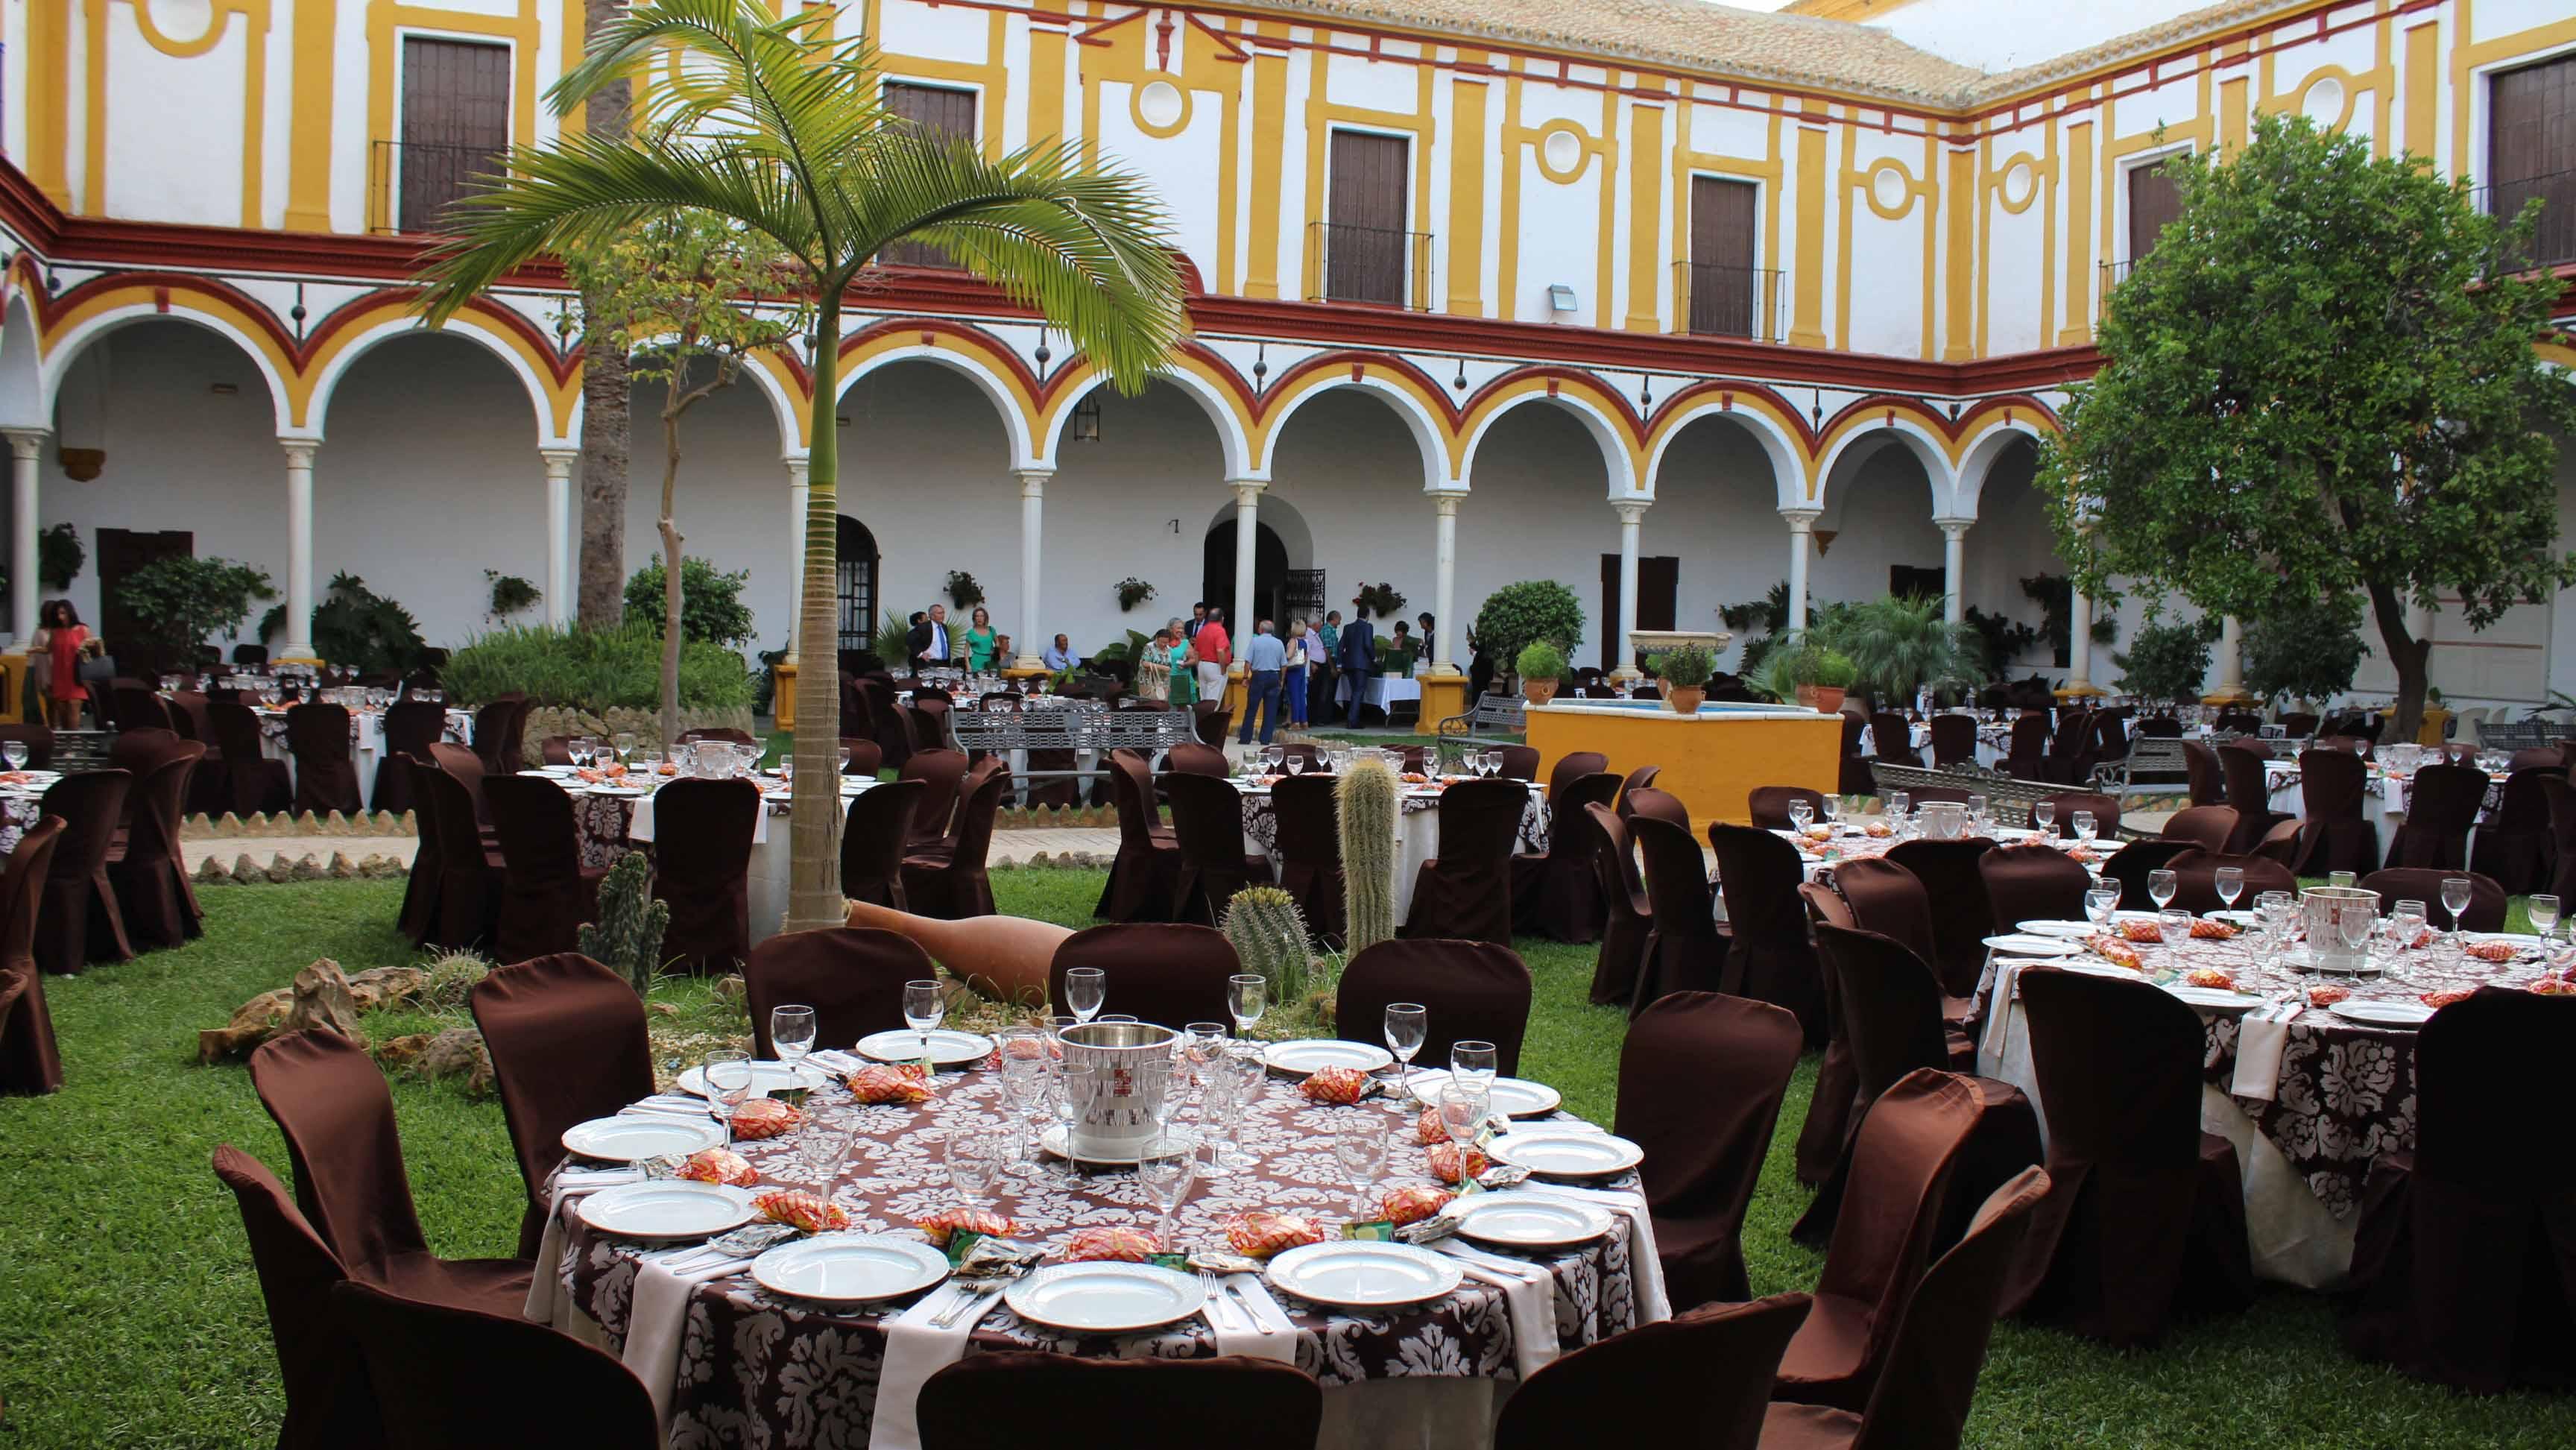 El monasterio de Consolación de Utrera acoge esta tradicional cita gastronómica